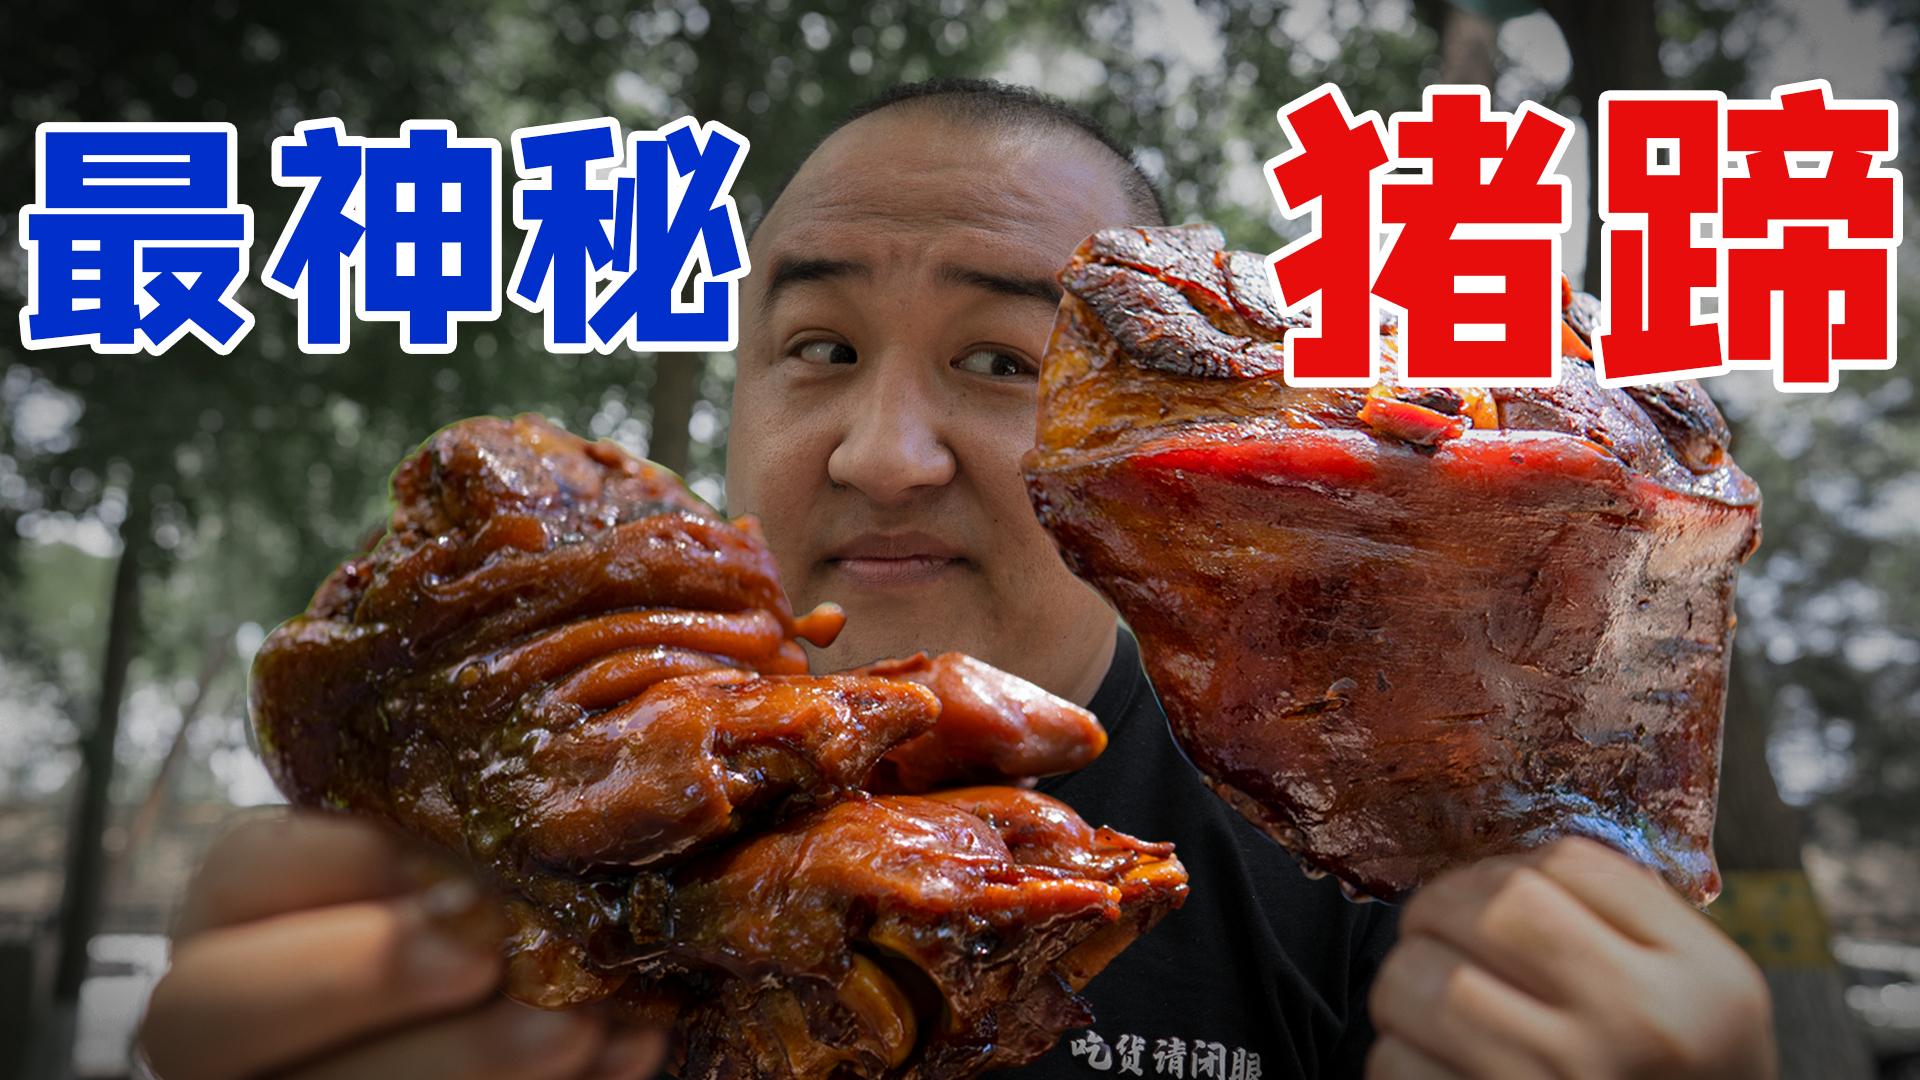 【吃货请闭眼】称霸北京十几年的路边摊猪蹄?提前三小时排队,半个小时就卖光!